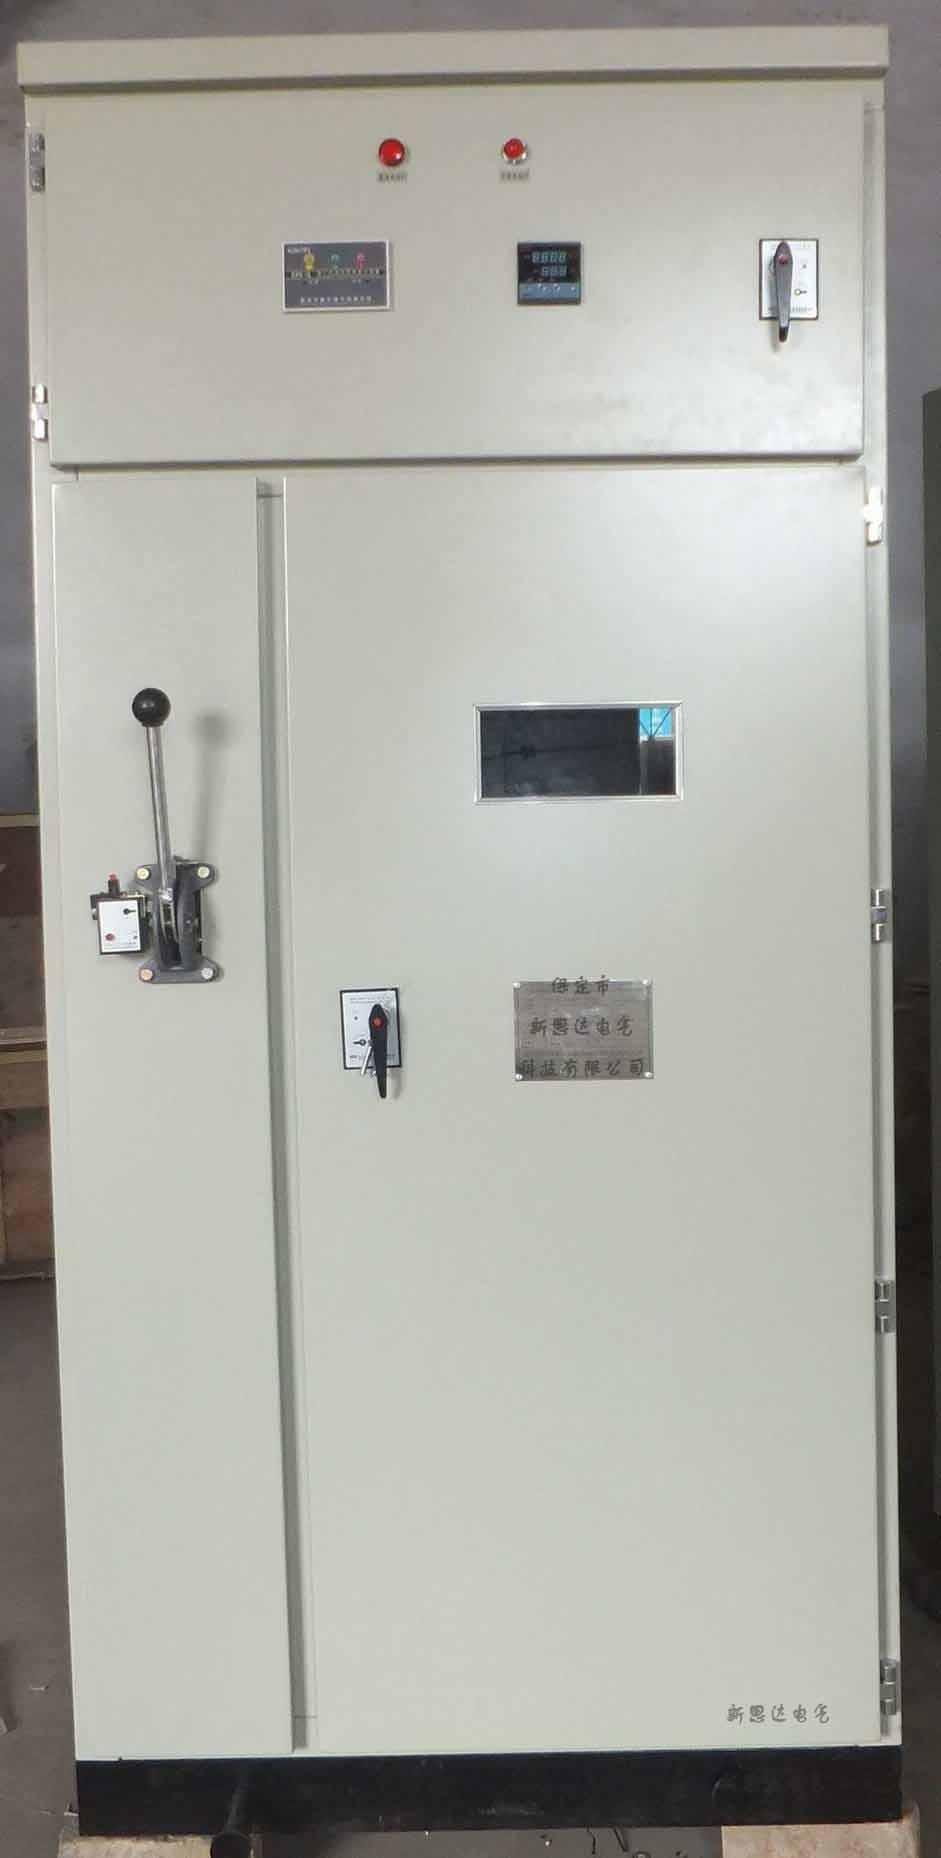 智能型发电机中性点接地电阻柜的简单概述